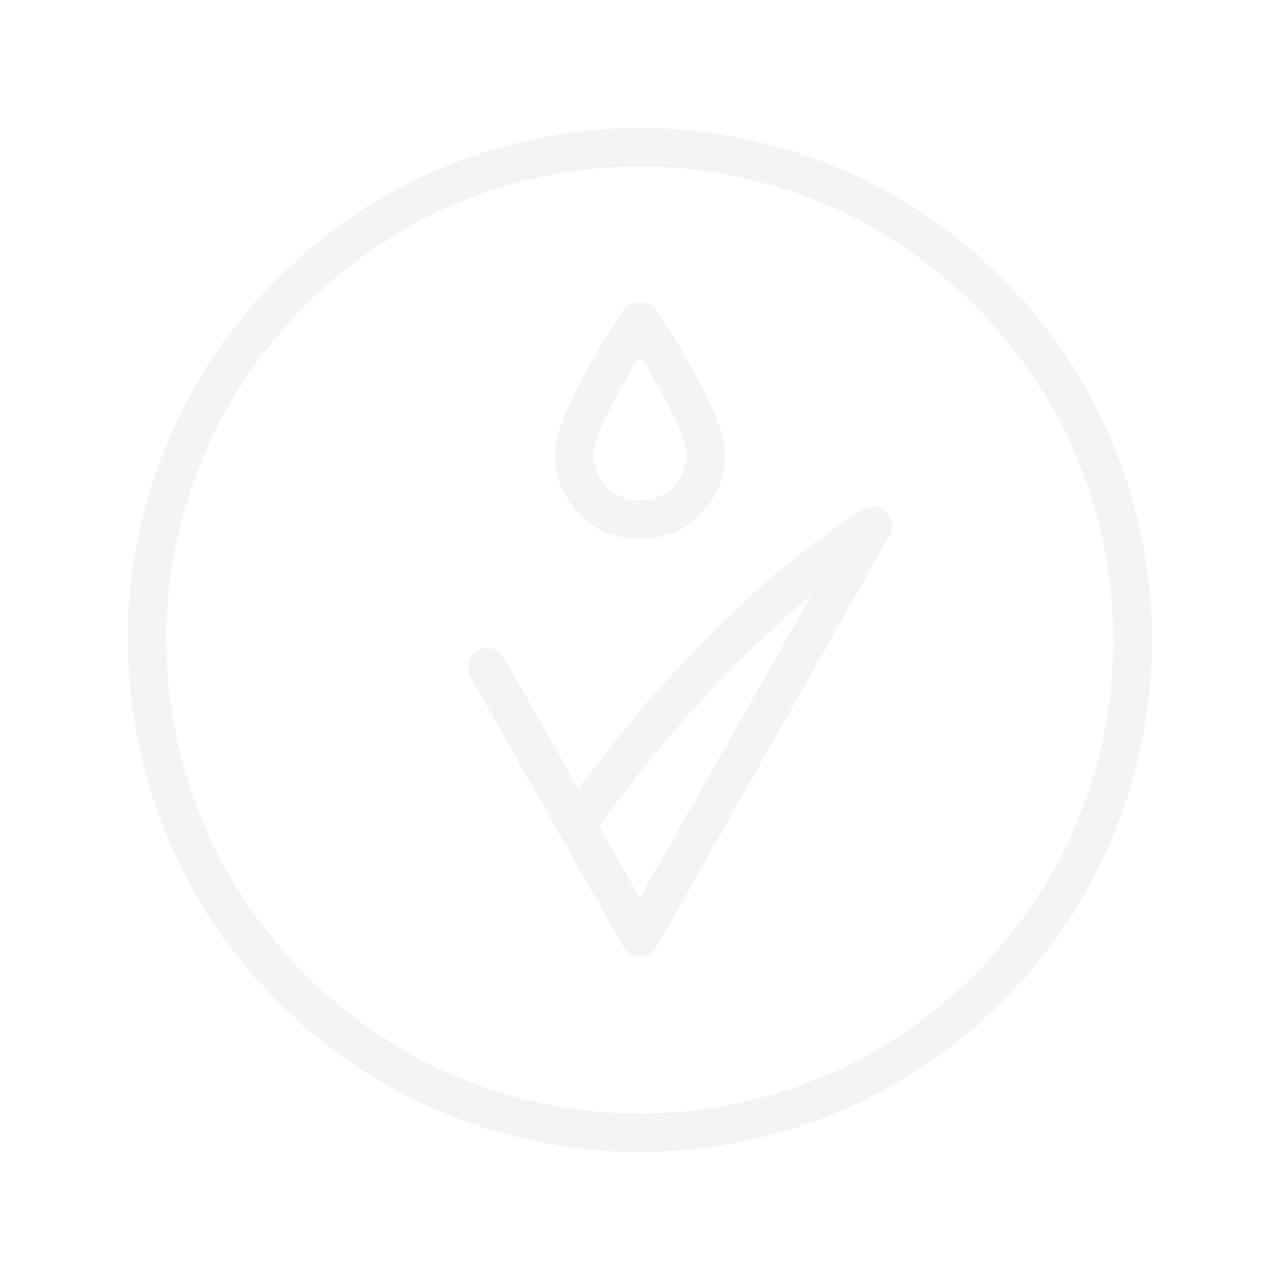 GLO SKIN BEAUTY Water Resistant Mascara Black 10ml